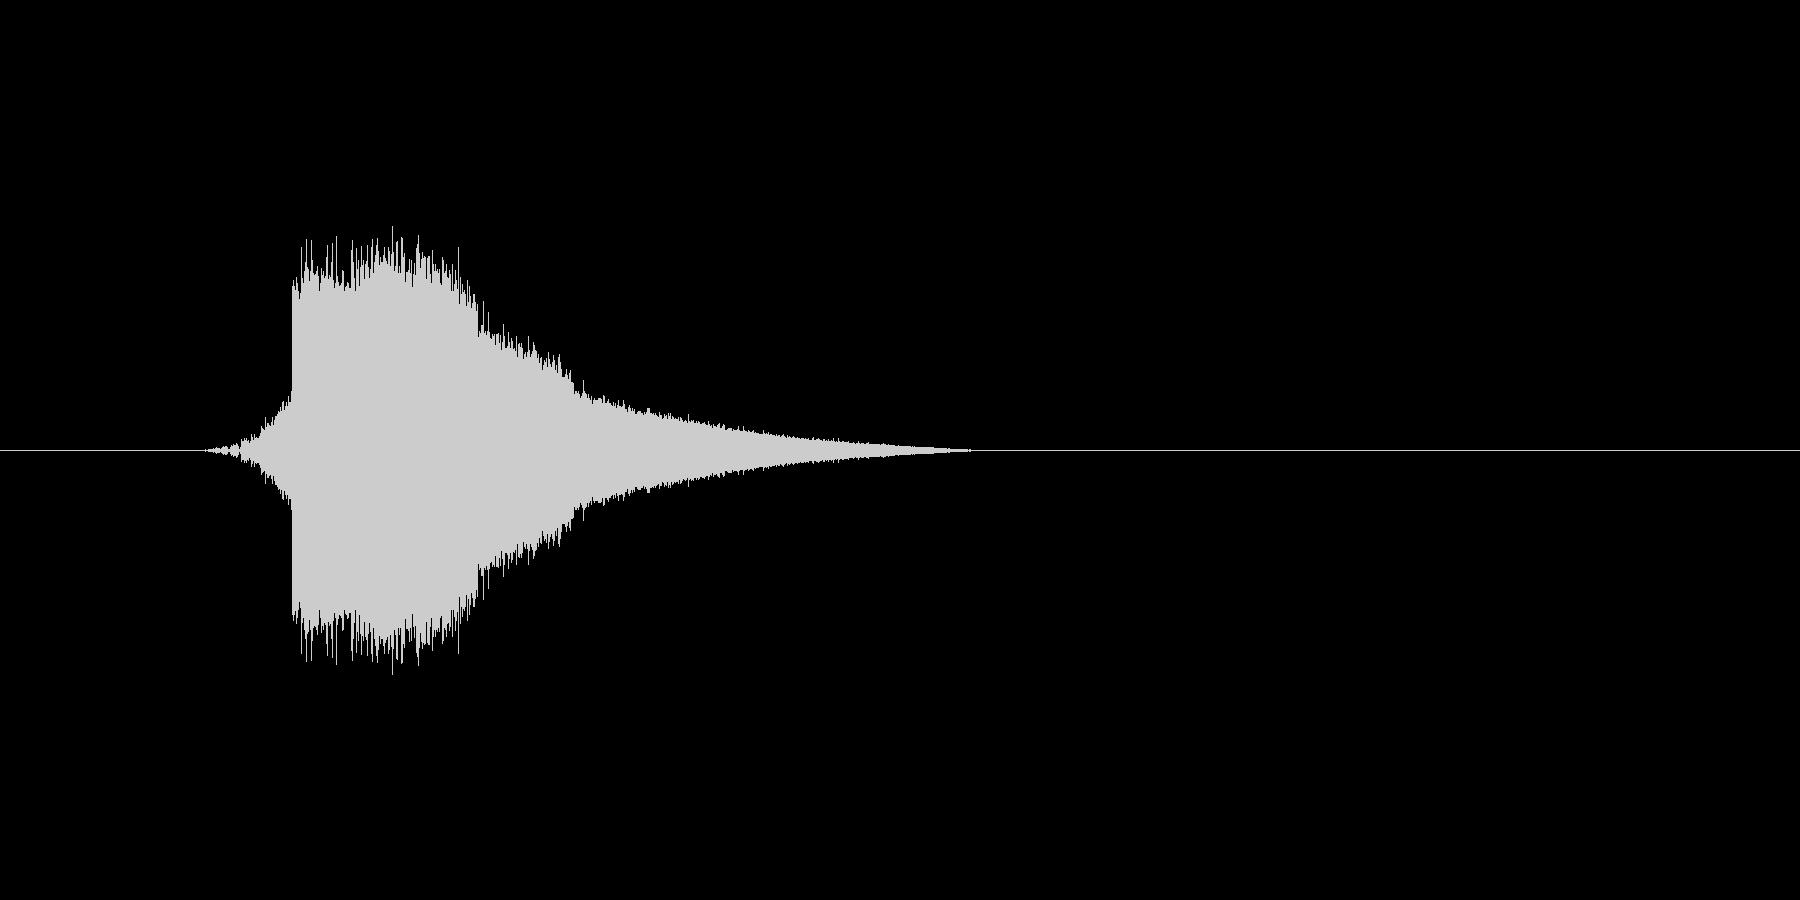 ファミコン風効果音カーソル系です 02の未再生の波形